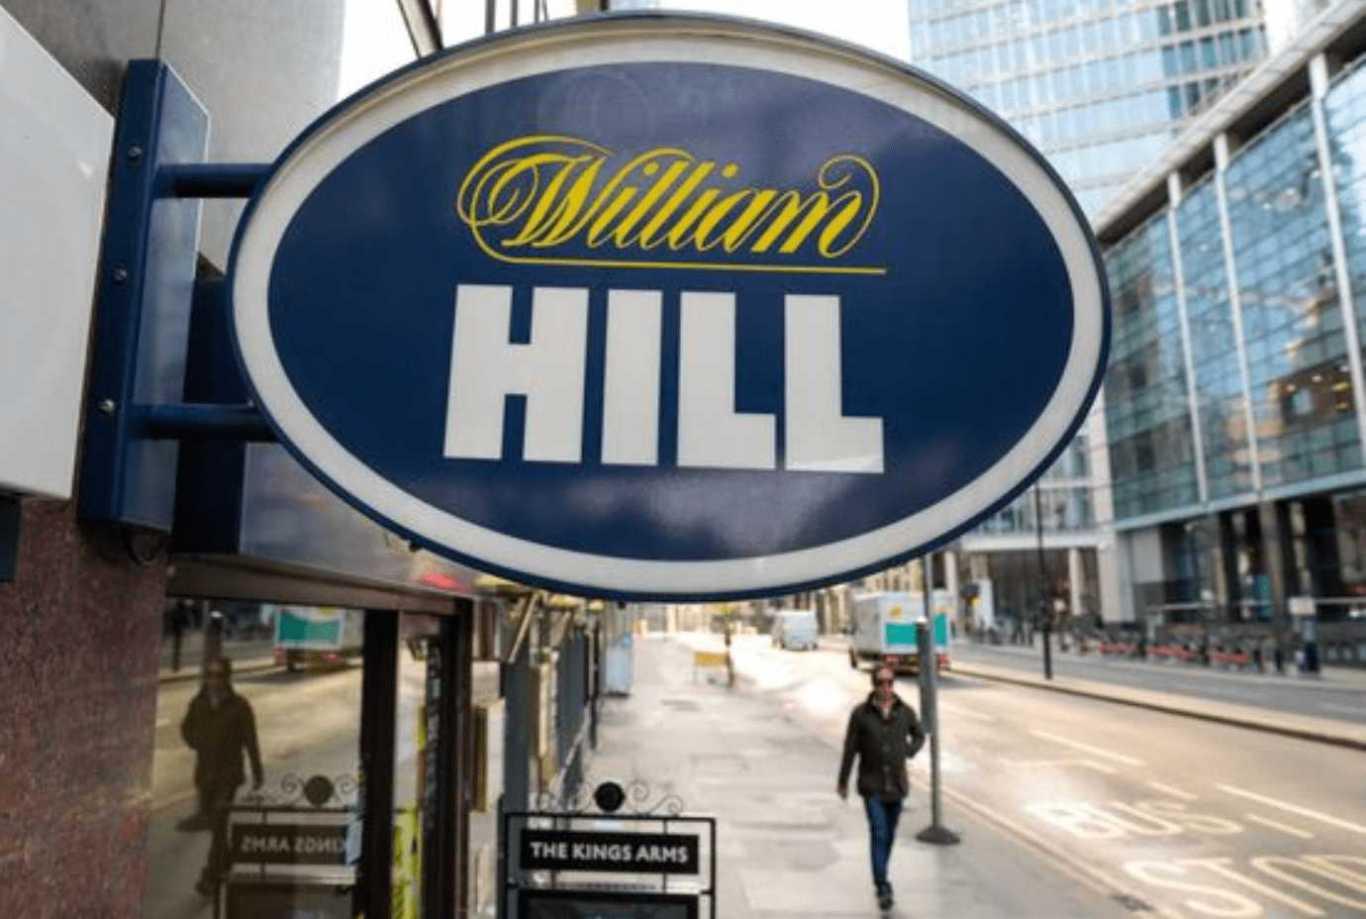 Vantagens da escolha William Hill verificado casa de apostas